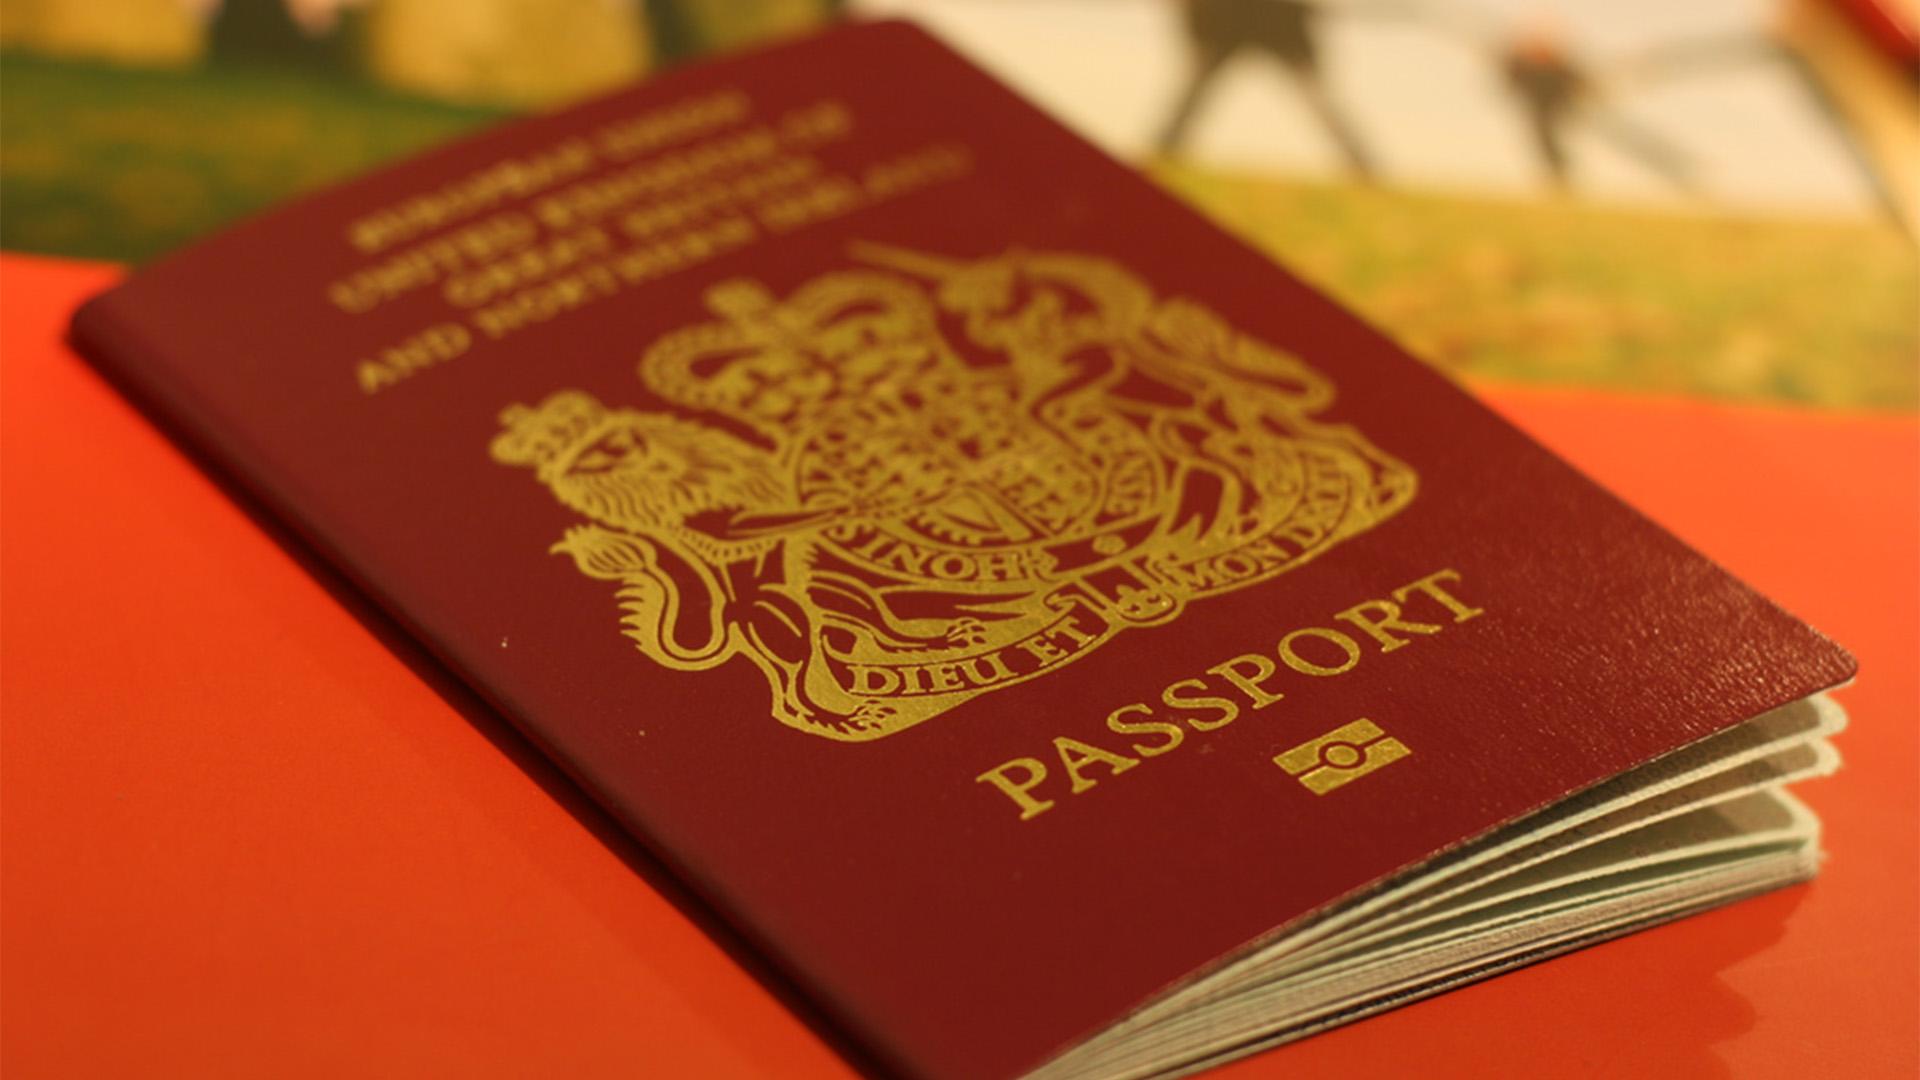 Passaporte vermelho tem uma conotação política muito forte, seja representando o passado ou nas relações existentes na atualidade.